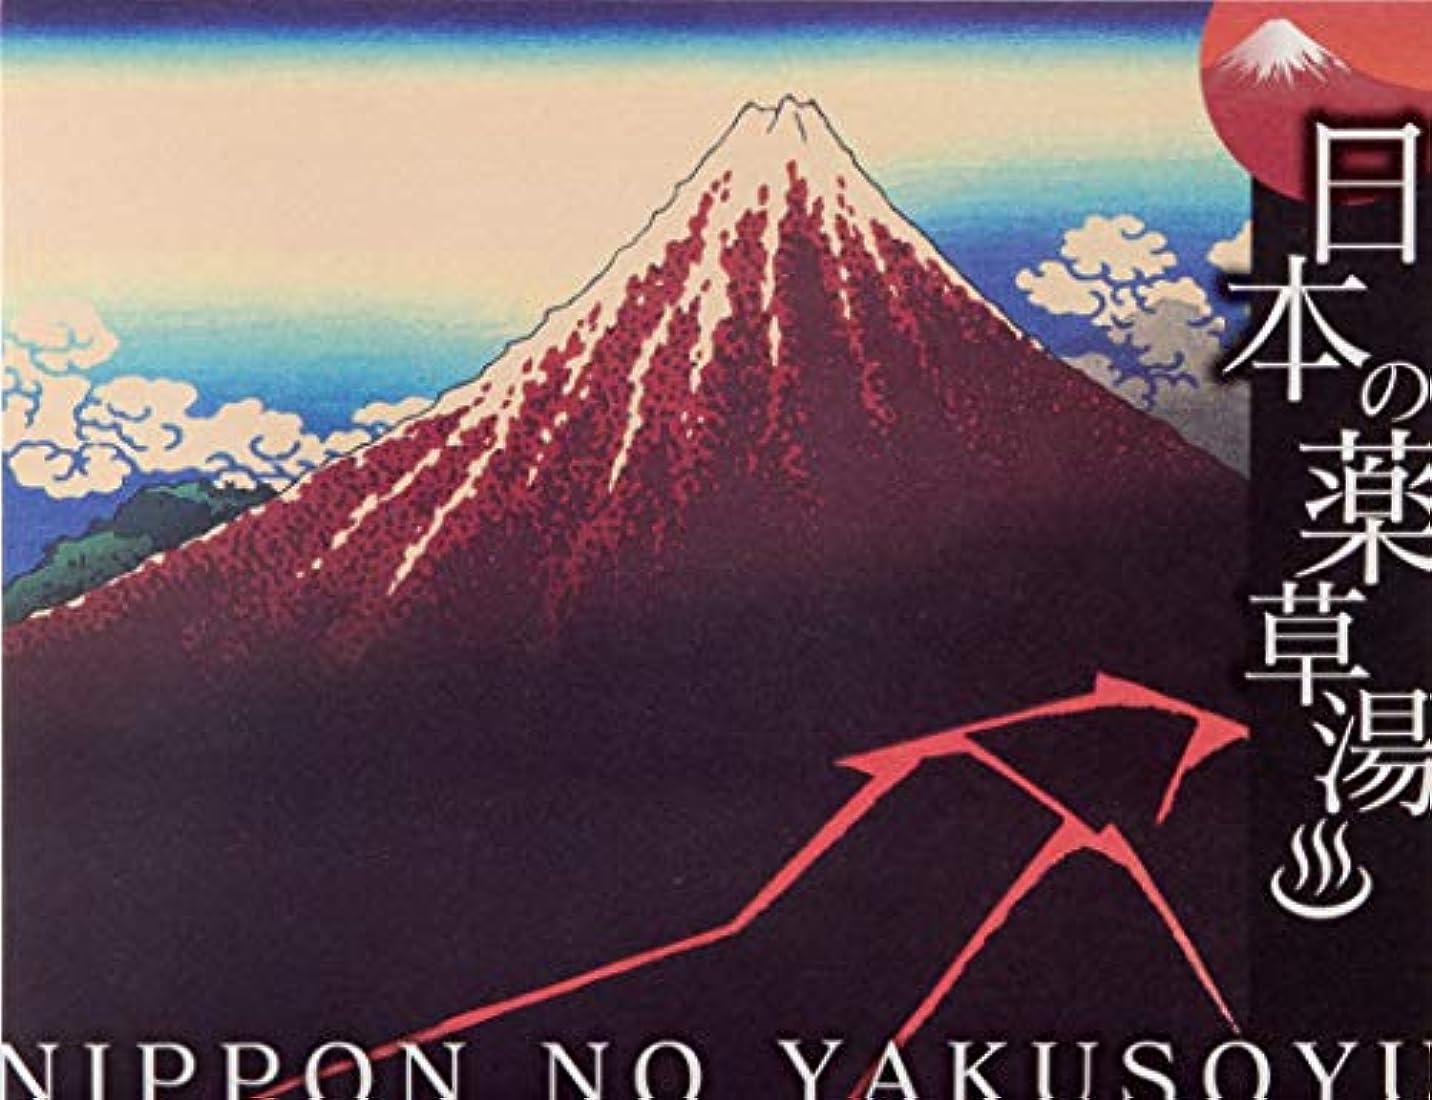 追い払う非行目を覚ます日本の薬草湯 山下白雨(富嶽三十六景)